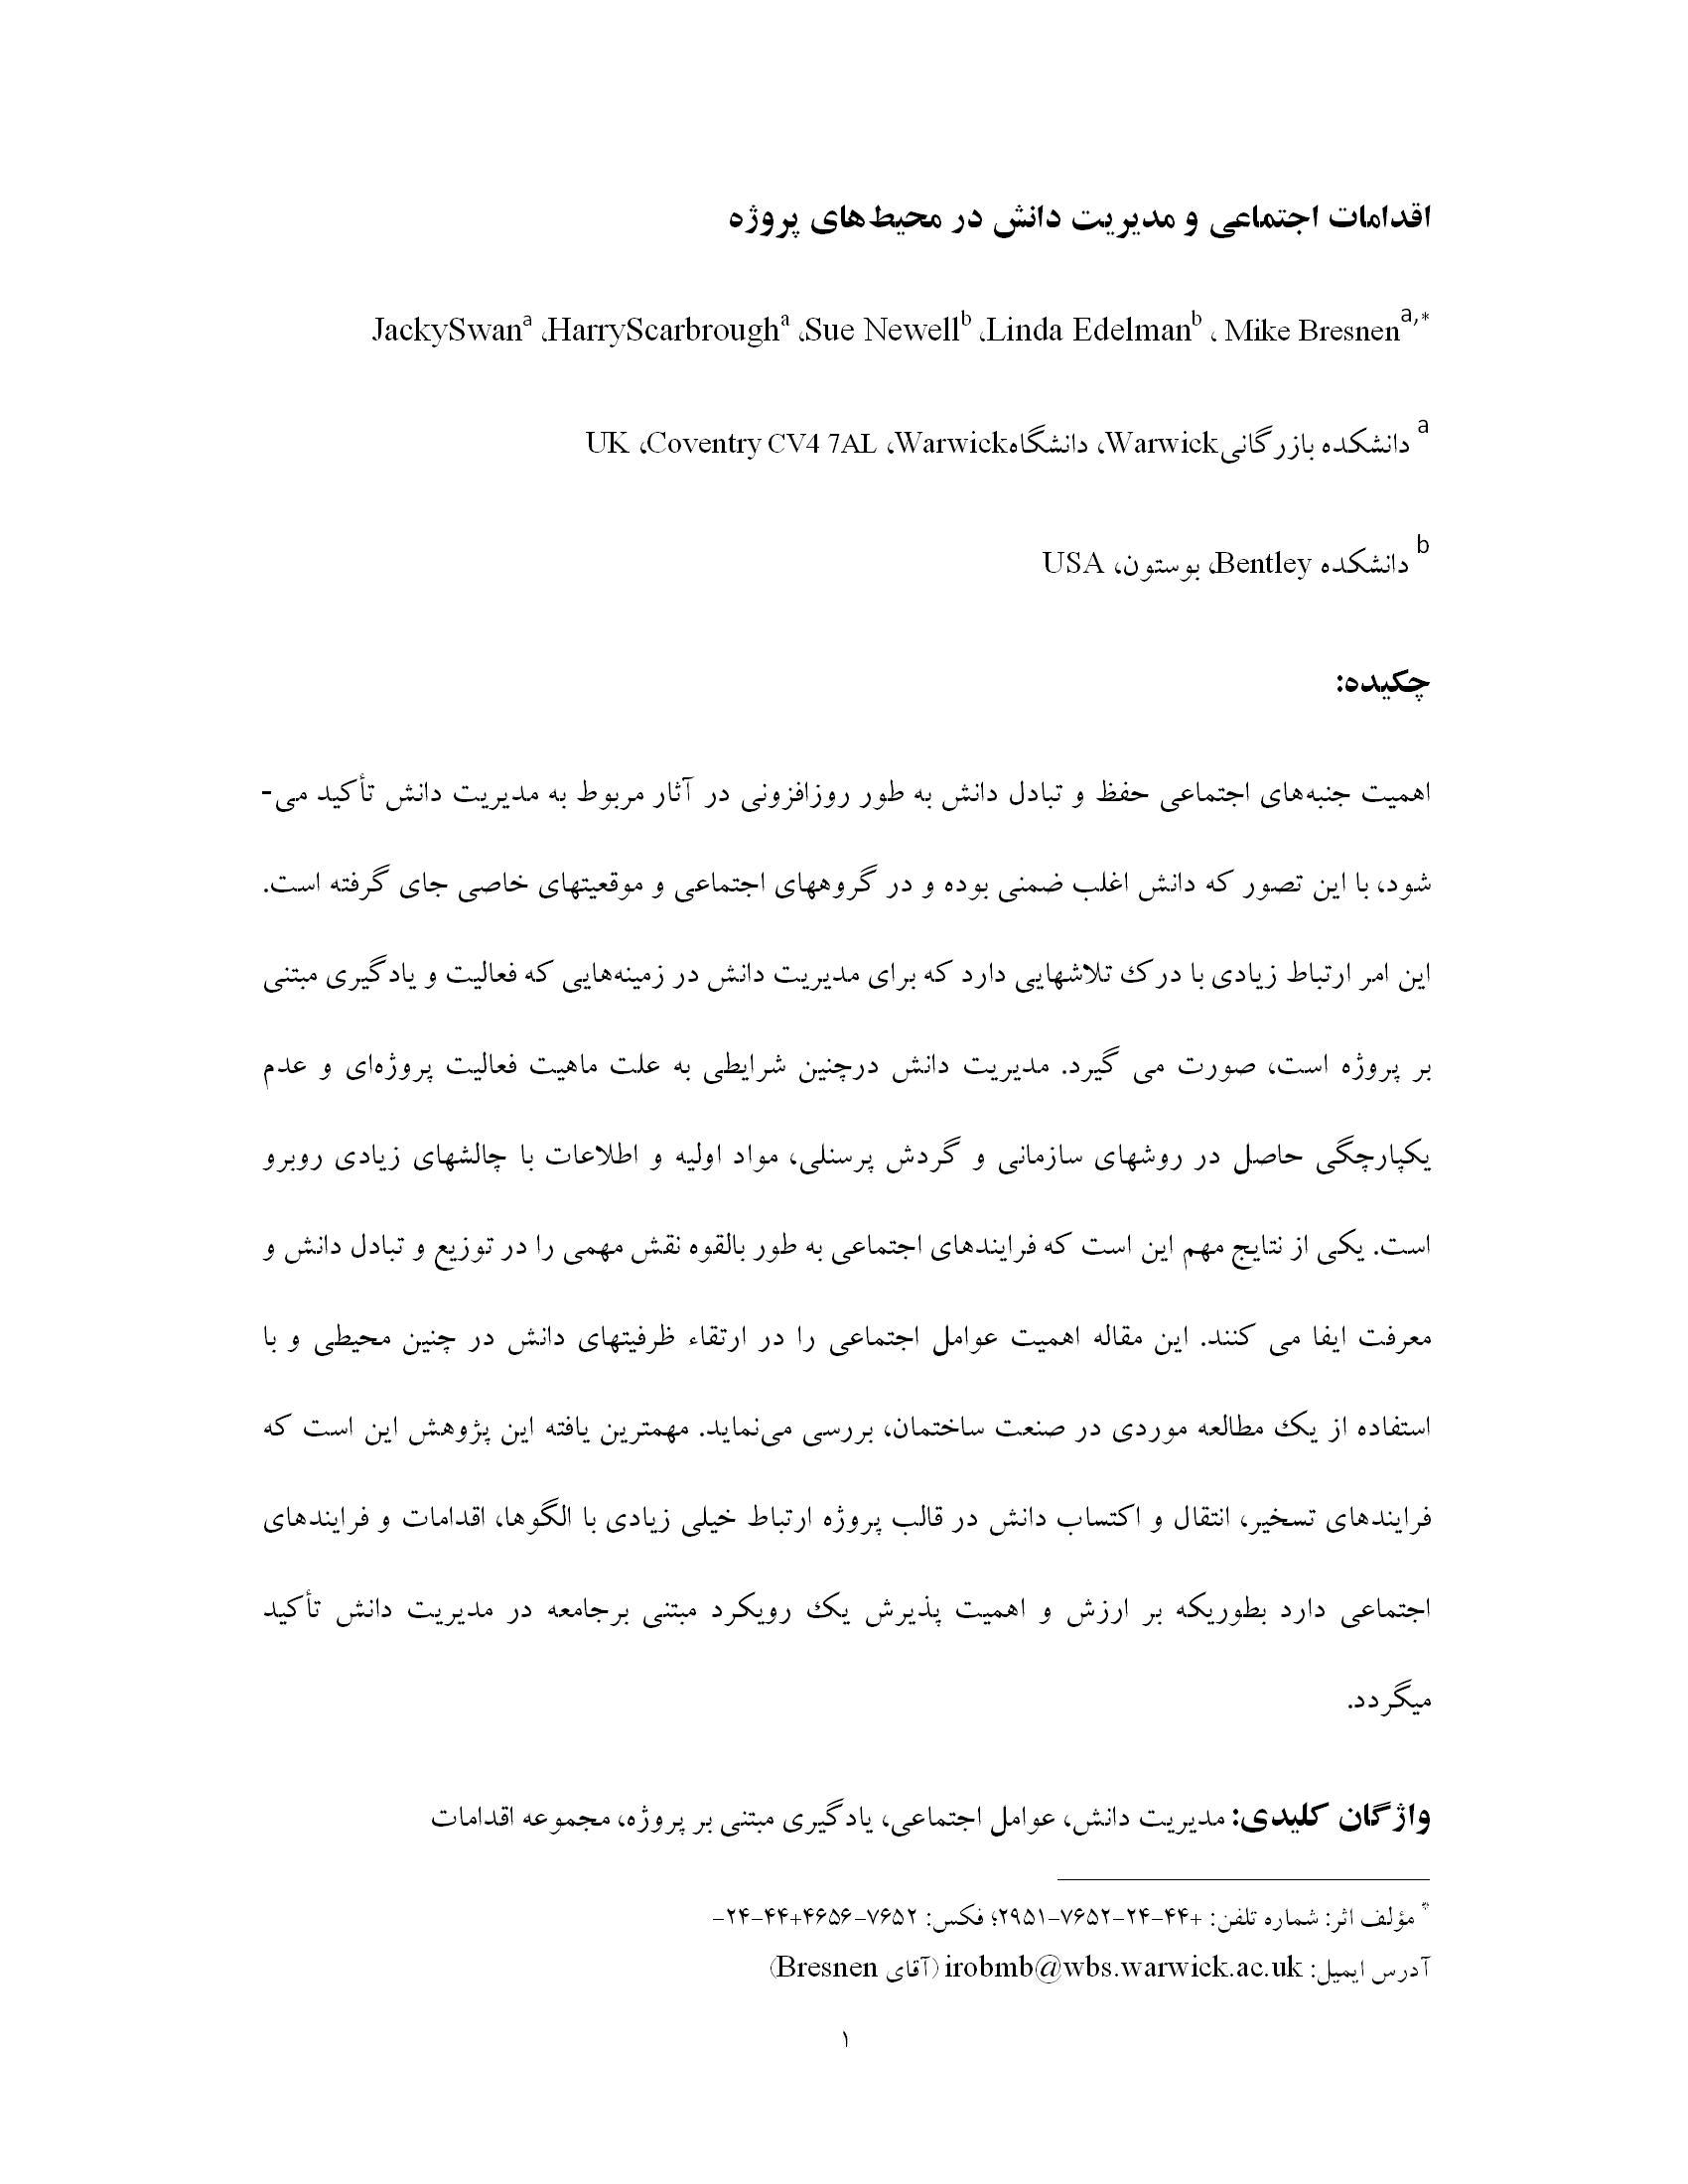 ترجمه مقاله و تحقیق - اقدامات اجتماعی و مدیریت دانش در محیط¬های پروژه 22